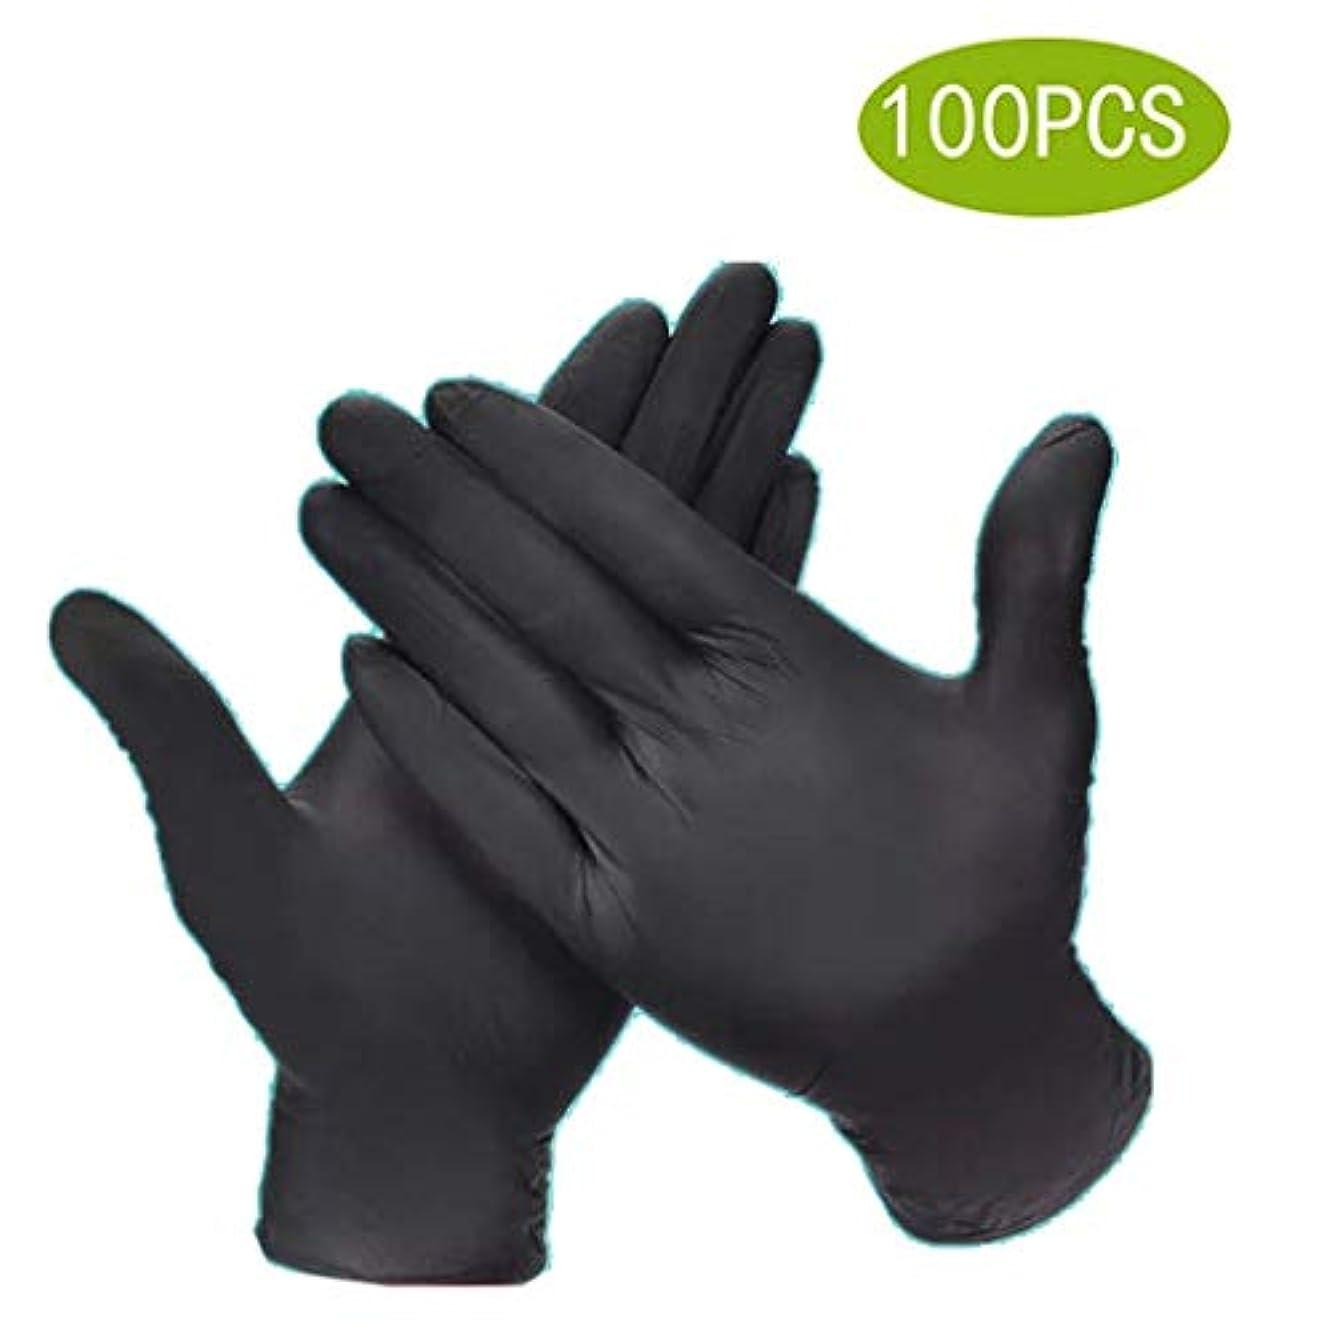 ストリップ八百屋オーチャード使い捨て手袋食品ケータリング手術ディンチン厚い黒滑り止め酸とアルカリキッチン試験/食品グレード安全用品、使い捨てハンドグローブディスペンサー[100個] (Size : M)